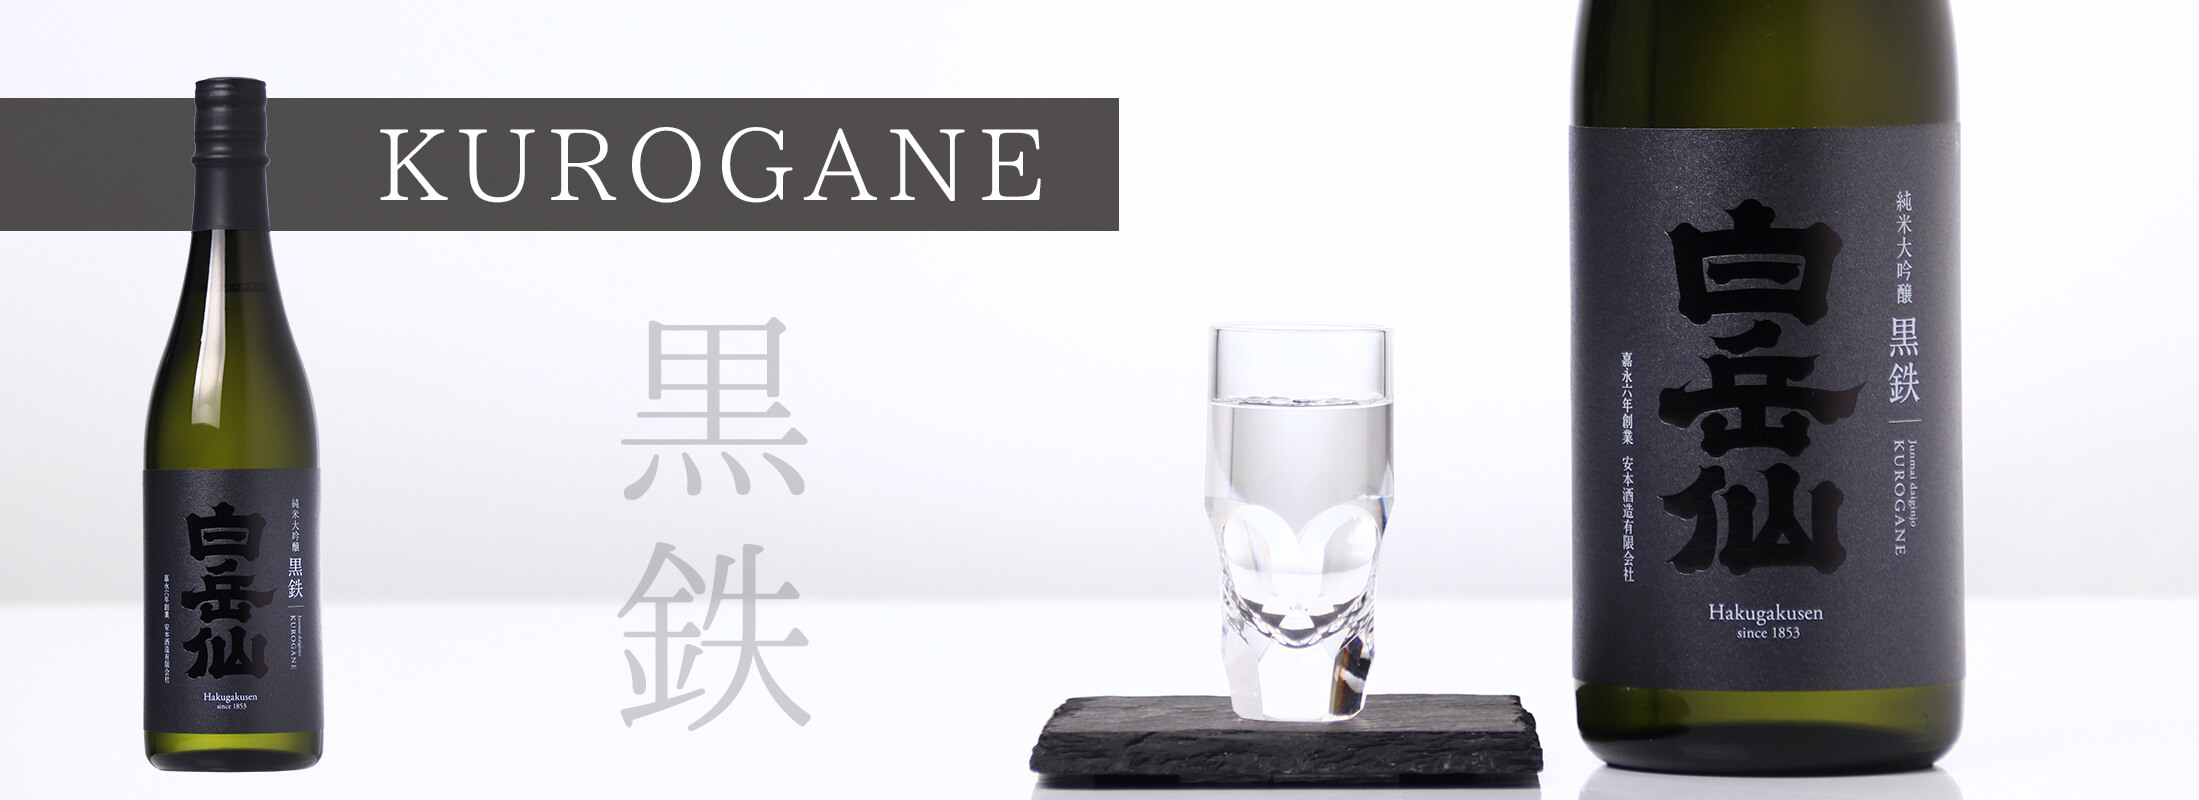 白岳仙 純米大吟醸 黒鉄 KUROGANE